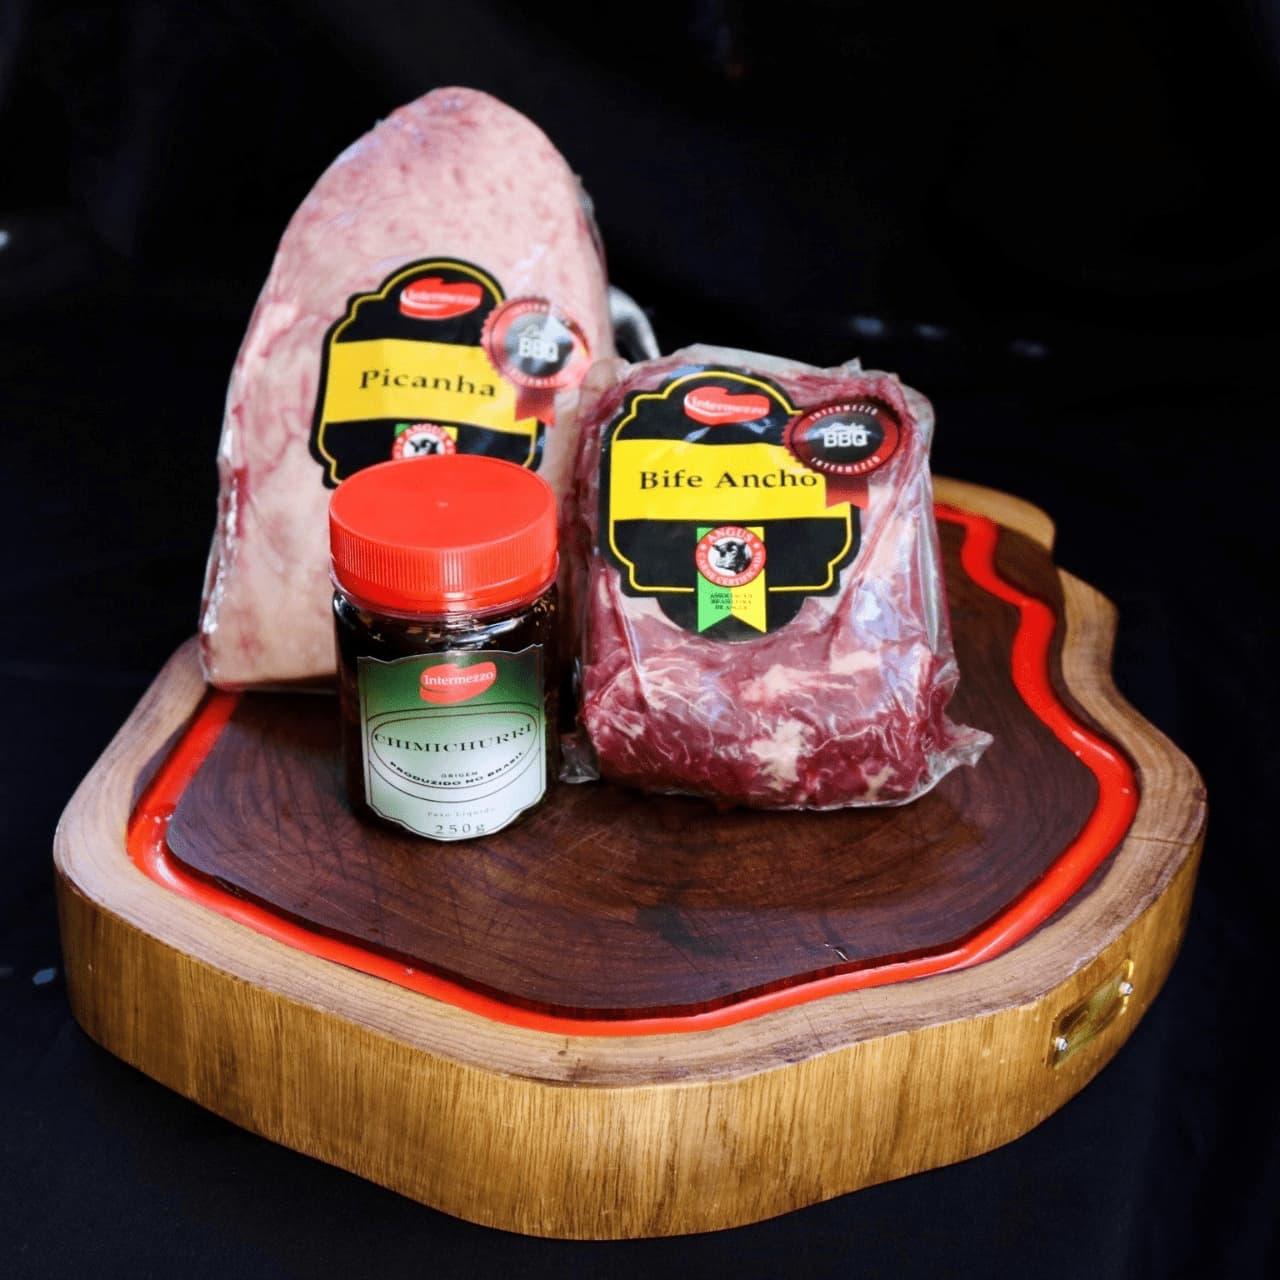 Meat House Prime inaugura em Brasília com carnes nobres e serviço diferenciado